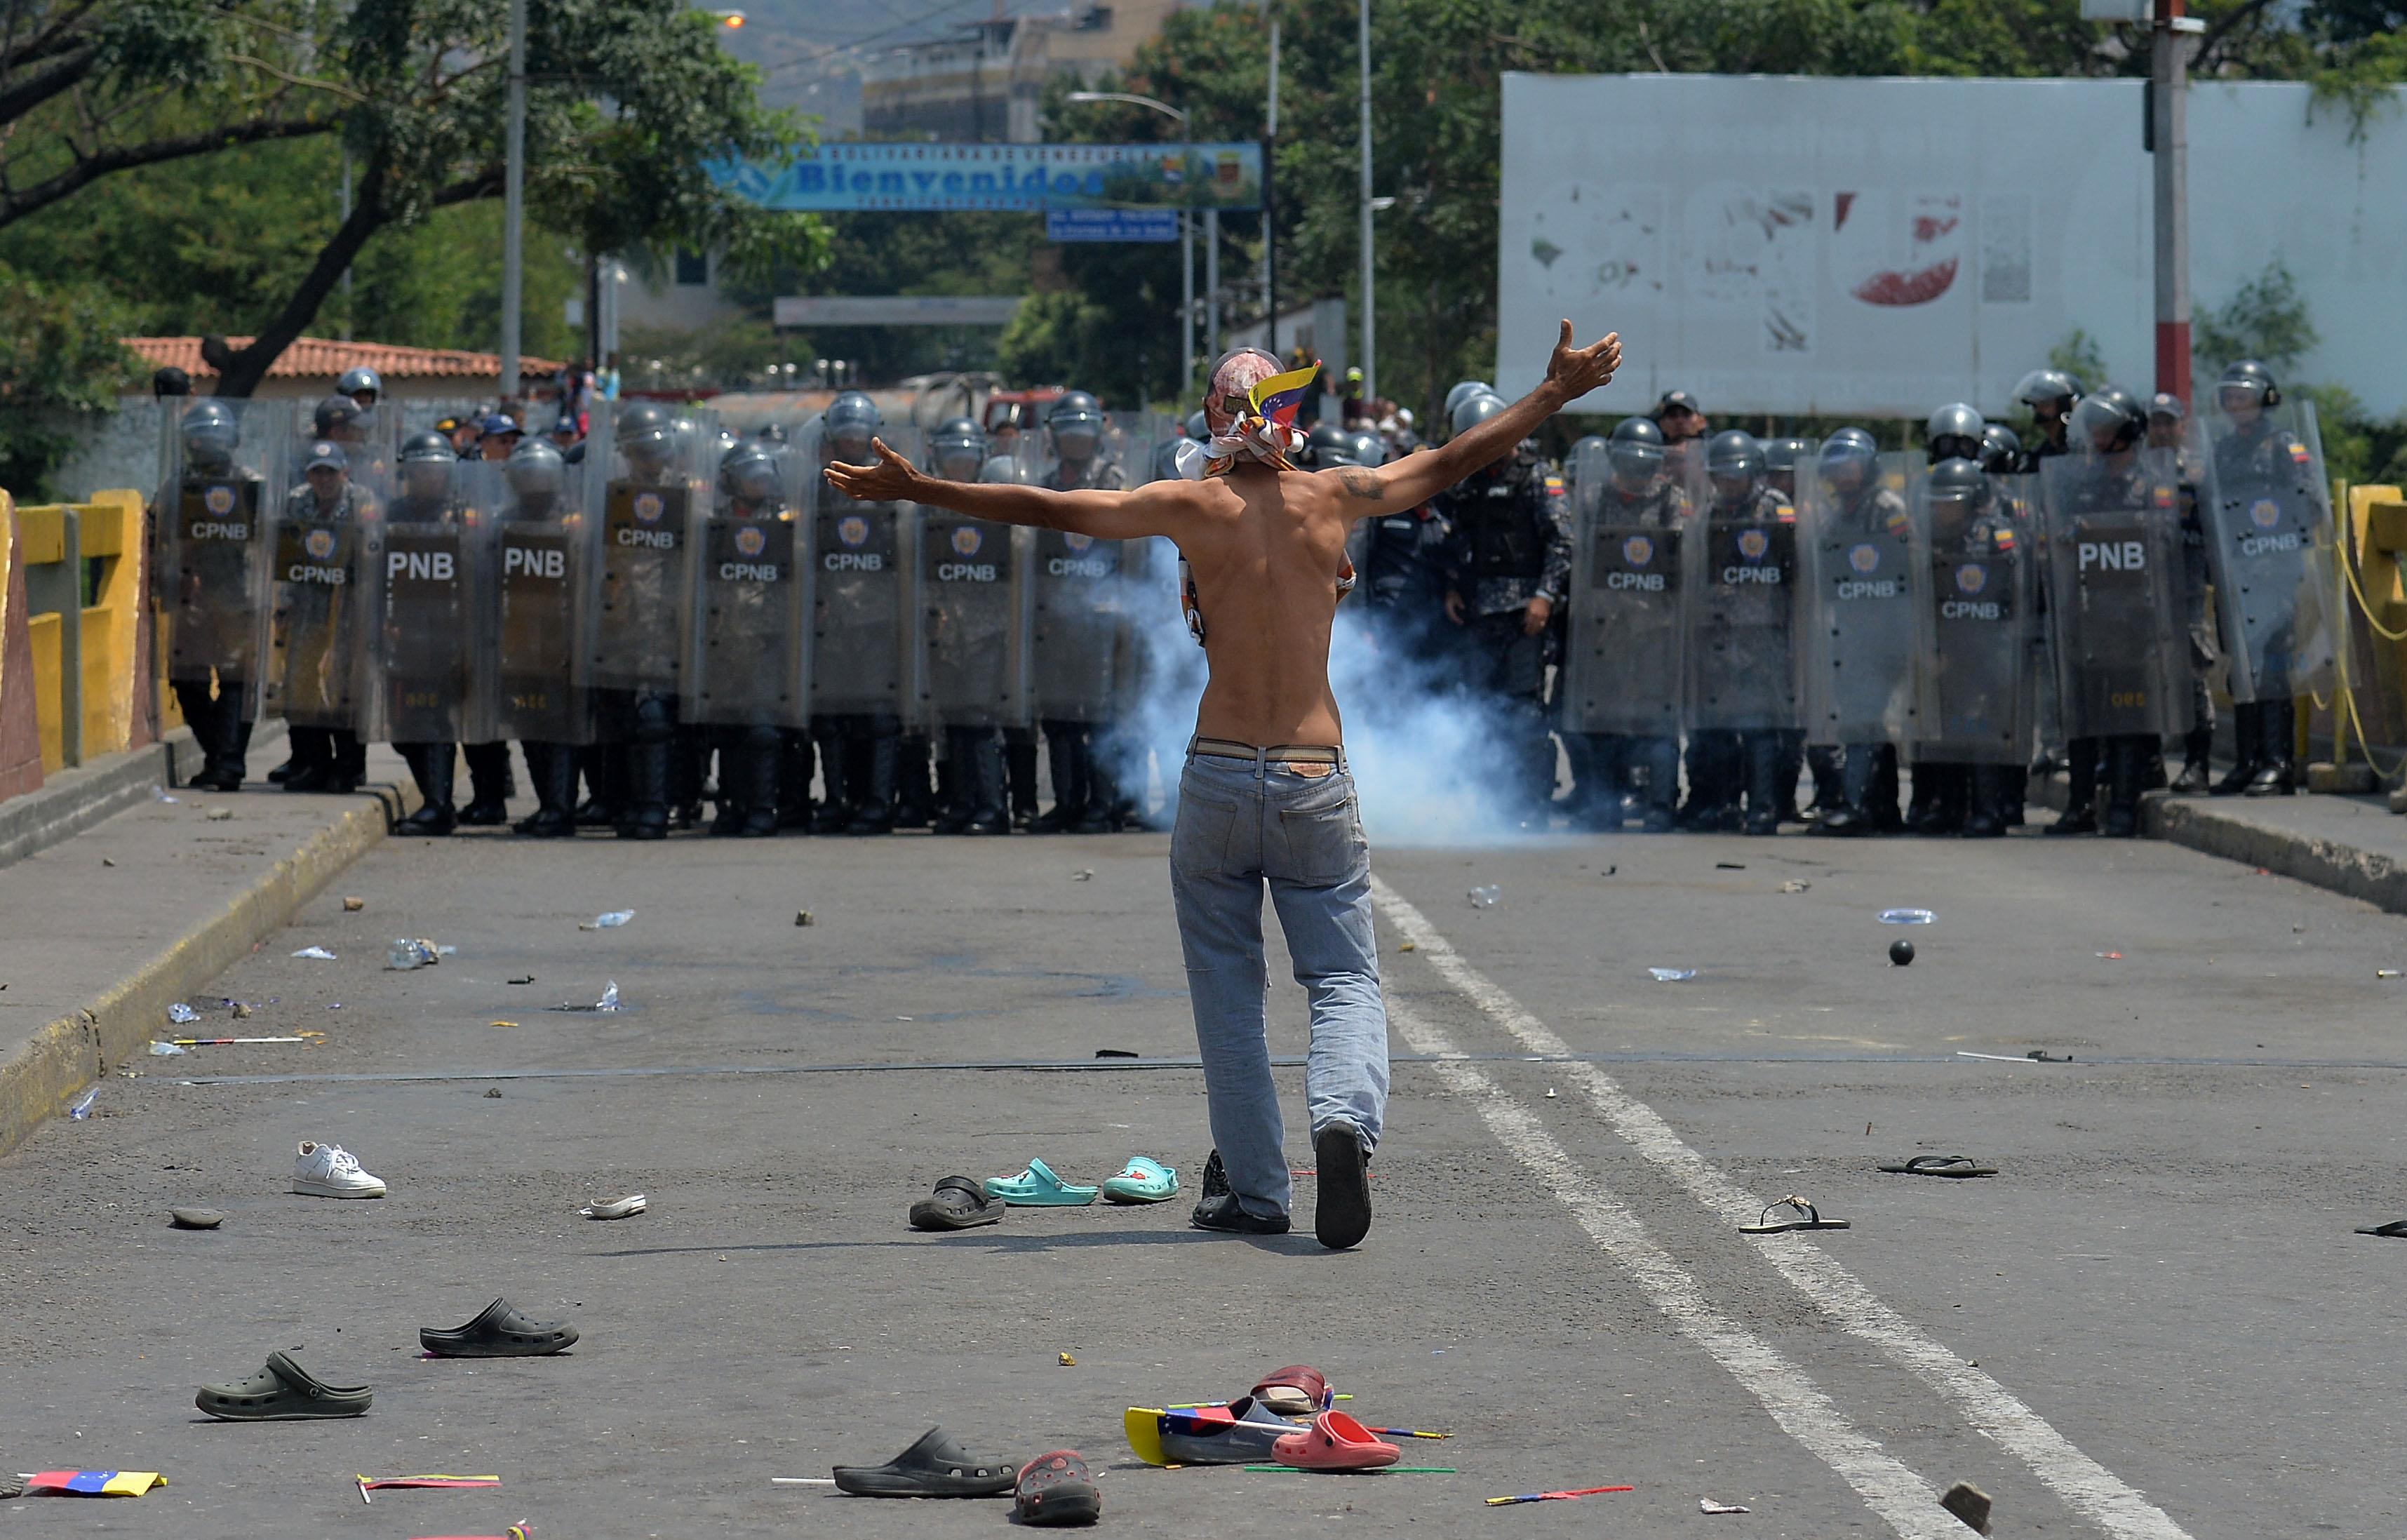 Több mint 18 ezer gyilkosságot követtek el a venezuelai biztonsági erők és félkatonai csoportok 2014 óta